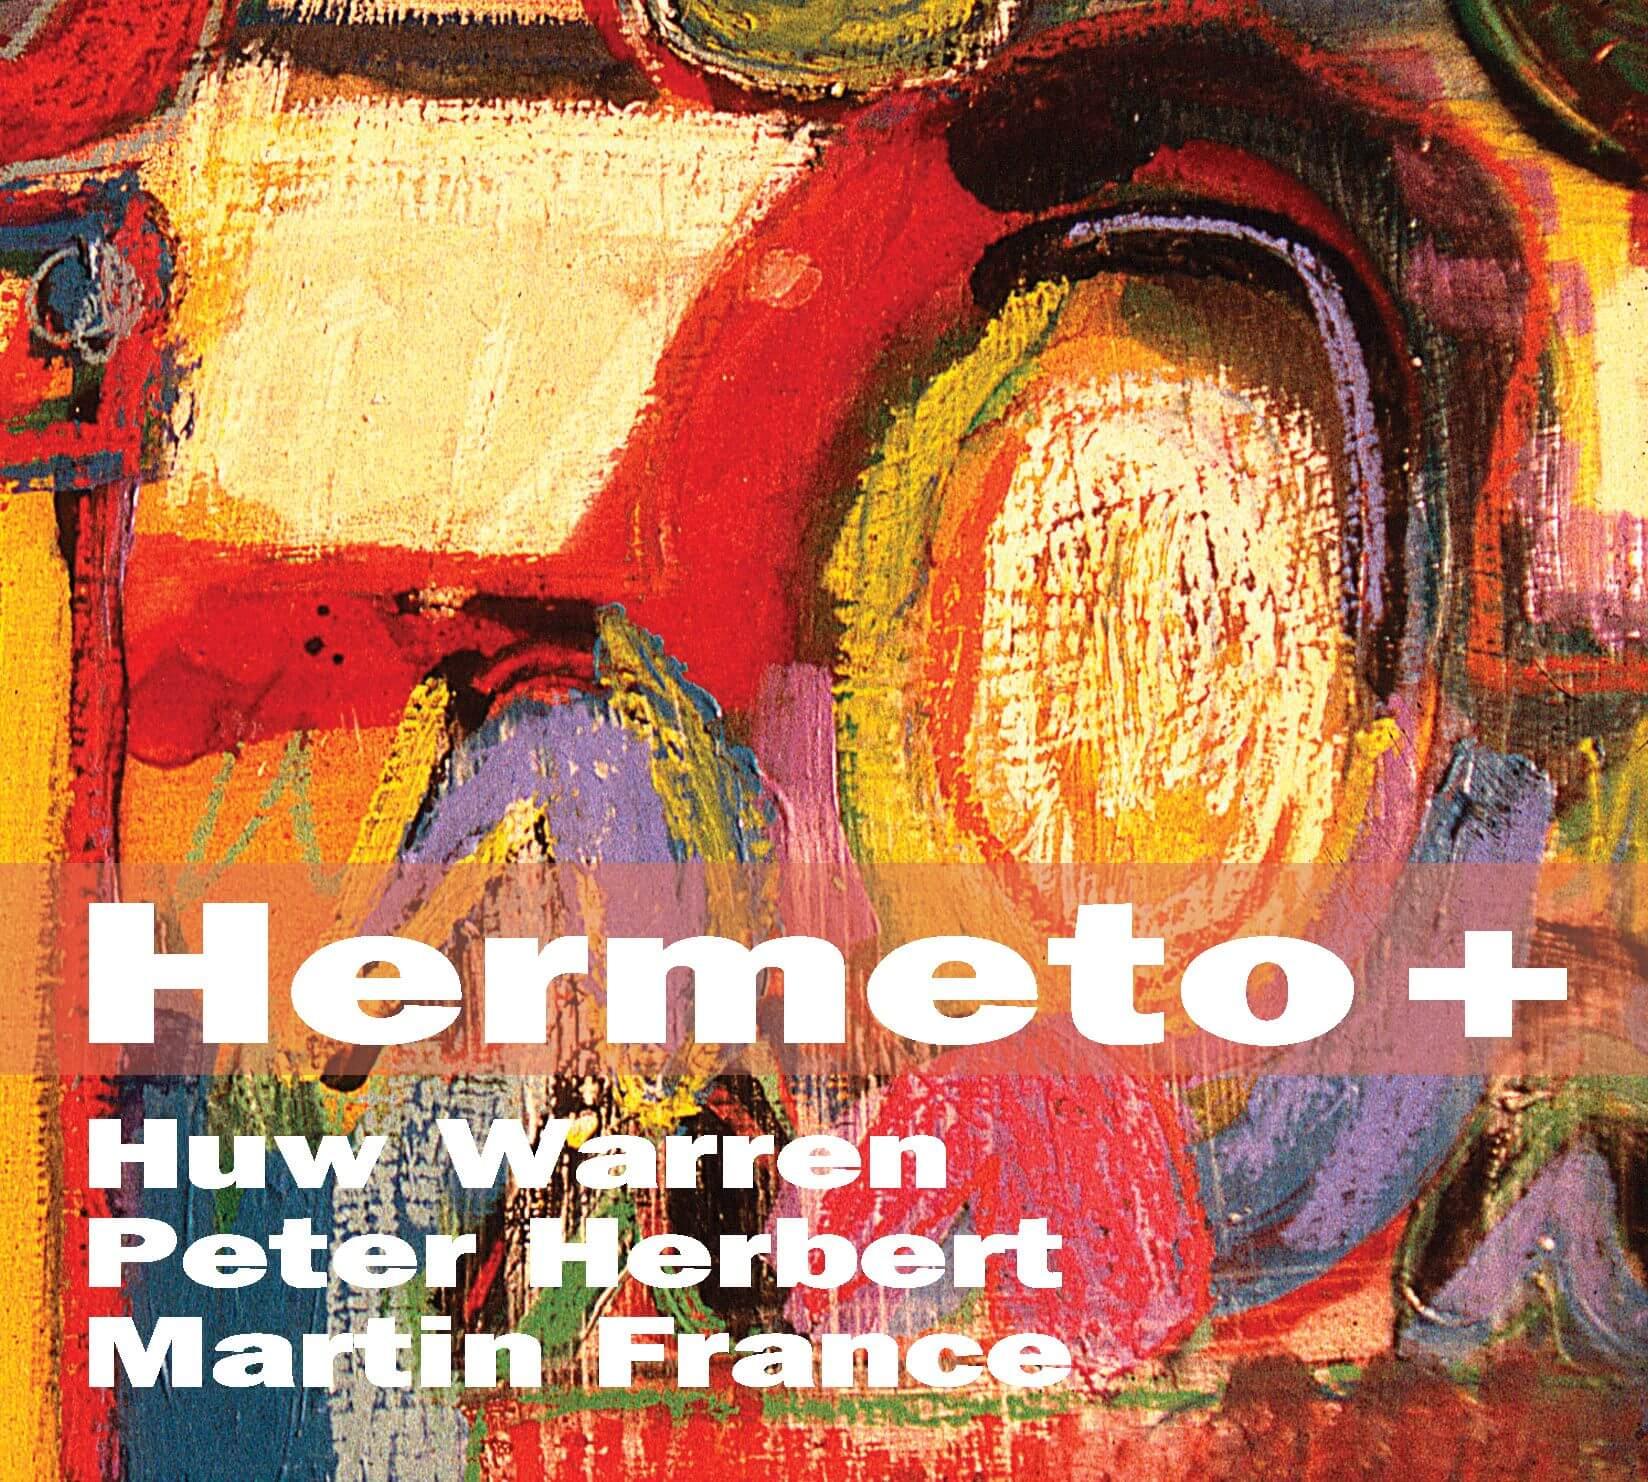 Huw Warren - Hermeto +